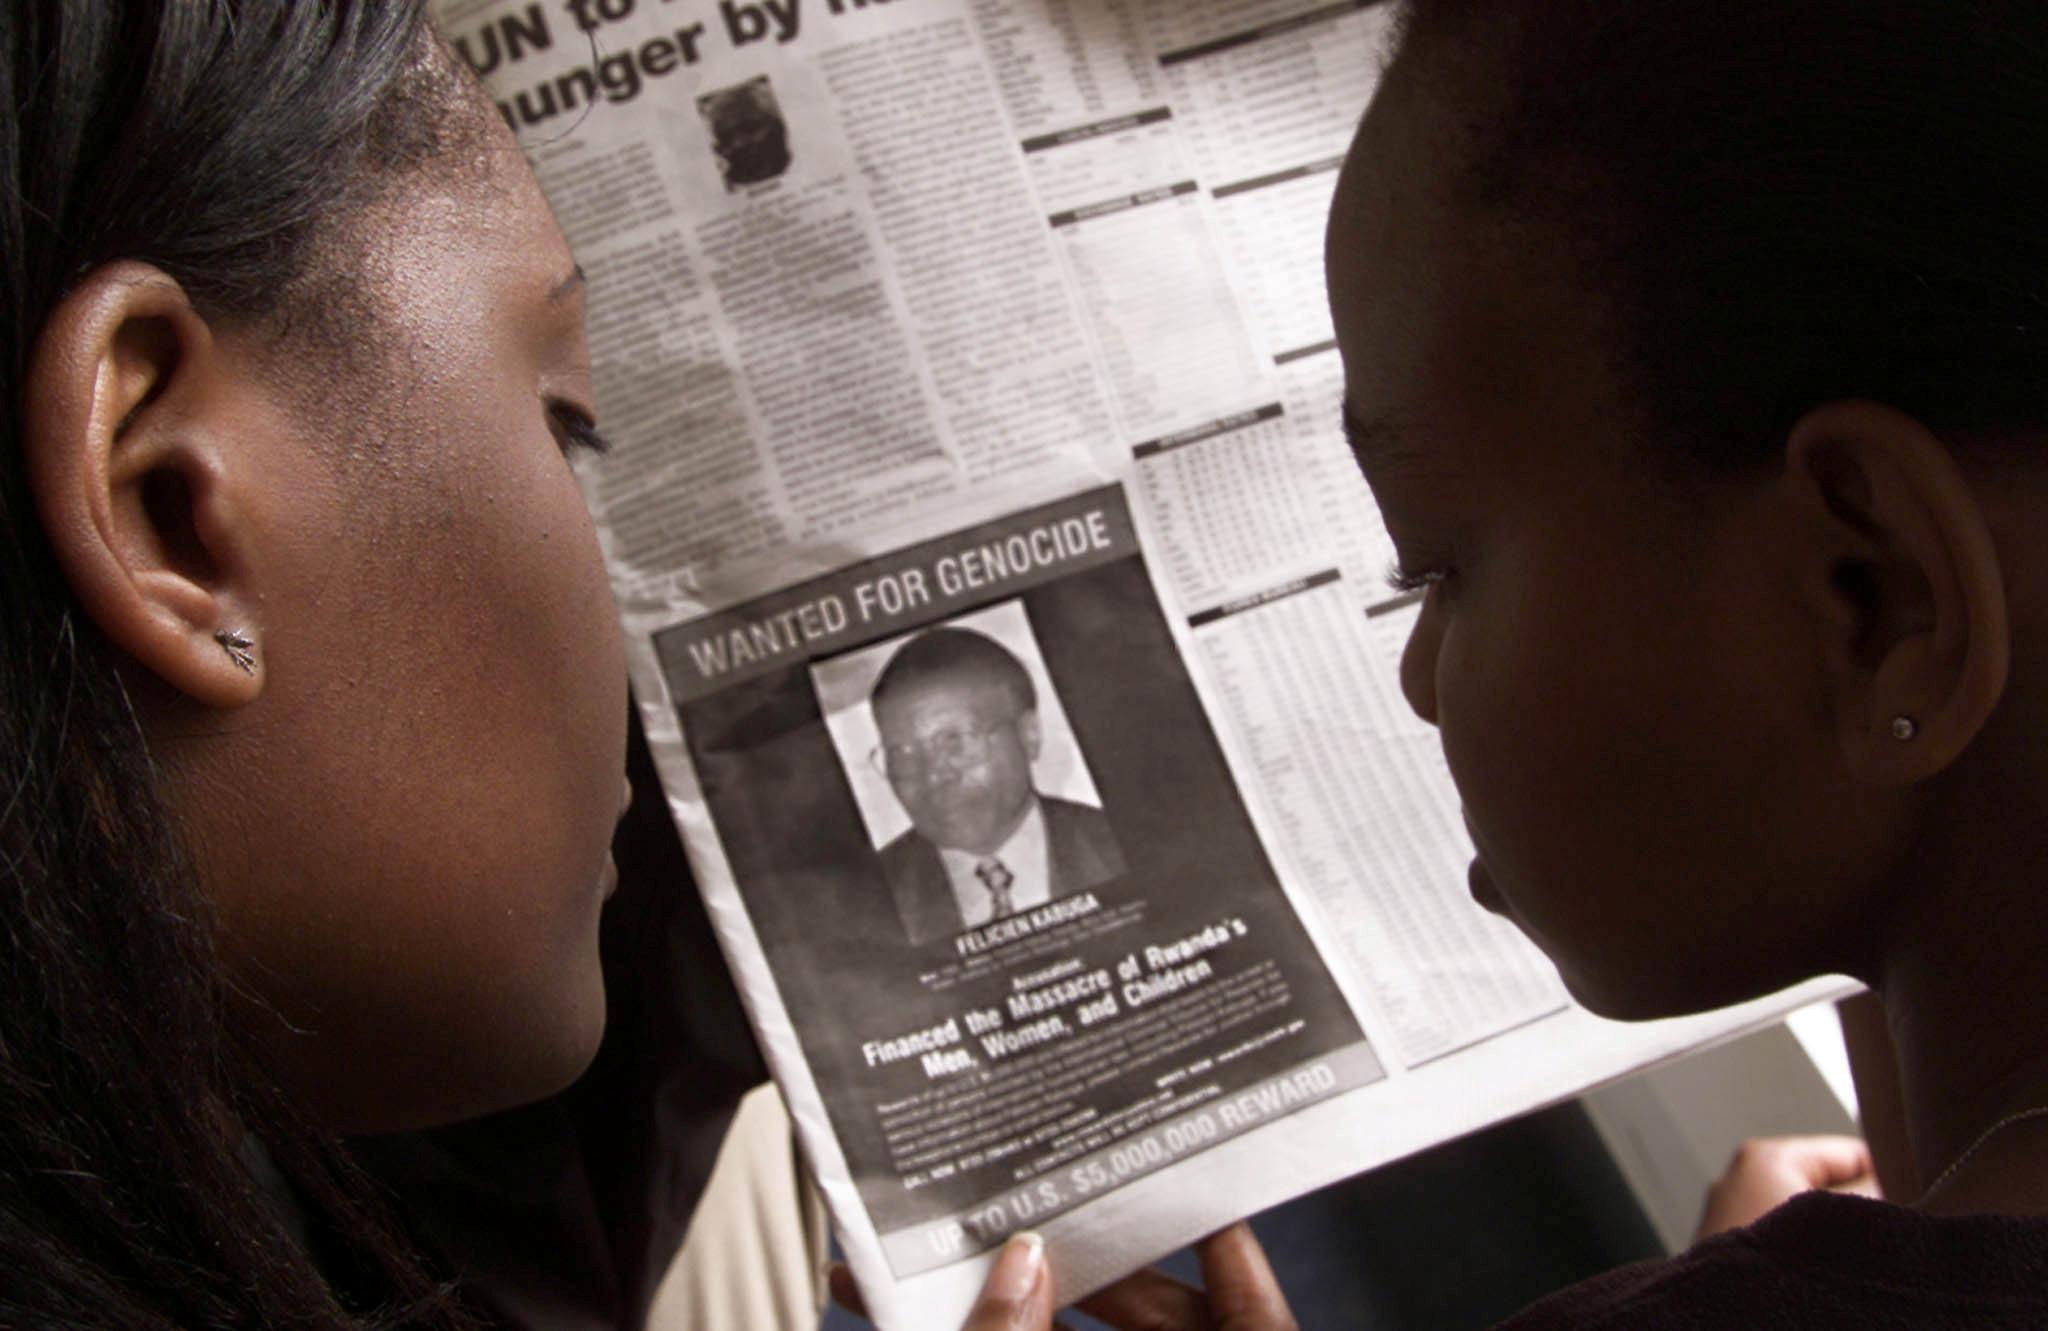 La photo de Félicien Kabuga dans un journal kényan, le 12 juin 2002, alors que les État-Unis avaient lancé une campagne médiatique pour le retrouver.